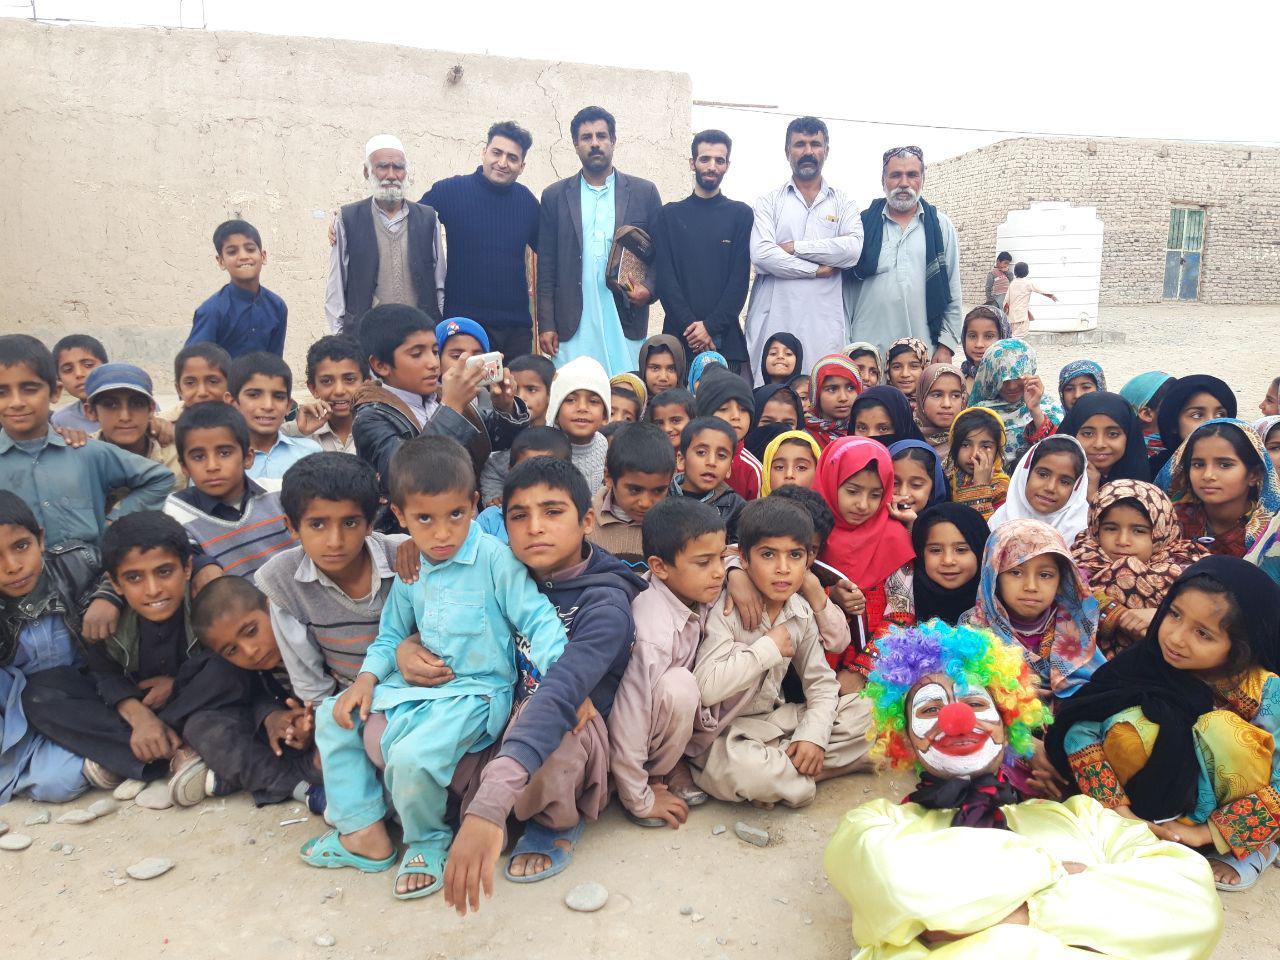 حضور هنرمندان نجف آباد در مناطق سیل زده سیستان+تصاویر و فیلم ها